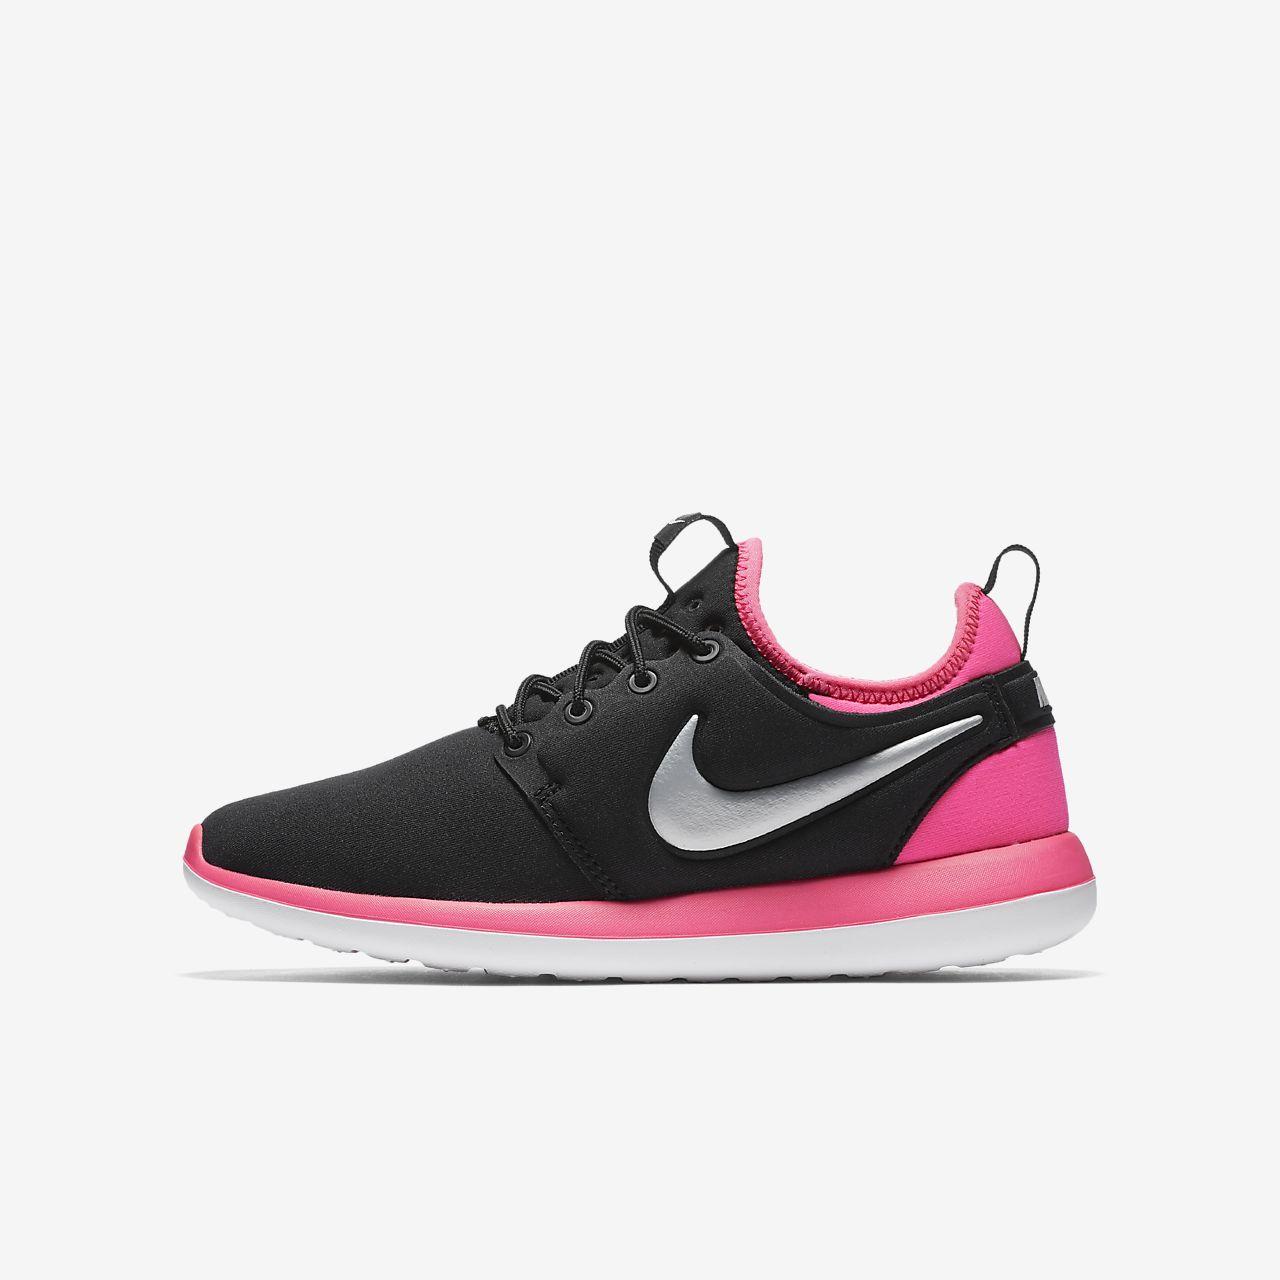 ... Nike Roshe Two Older Kids' Shoe